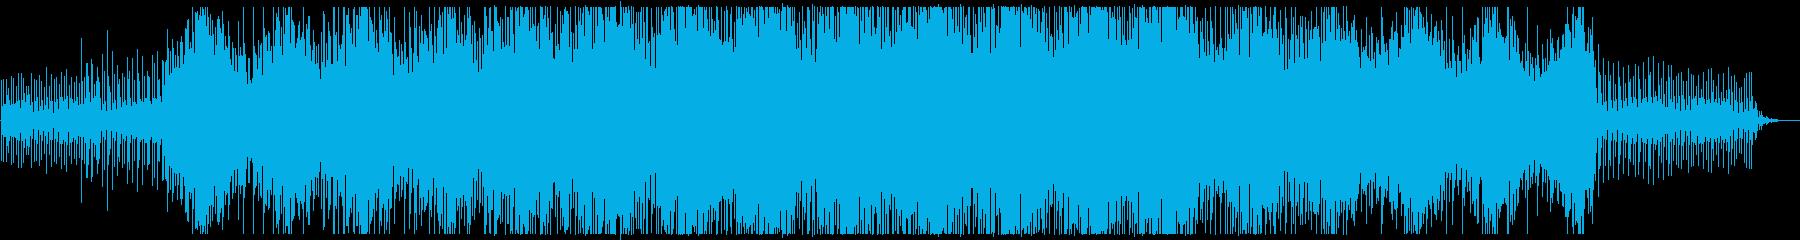 興味をそそる時間のプレッシャーの音...の再生済みの波形